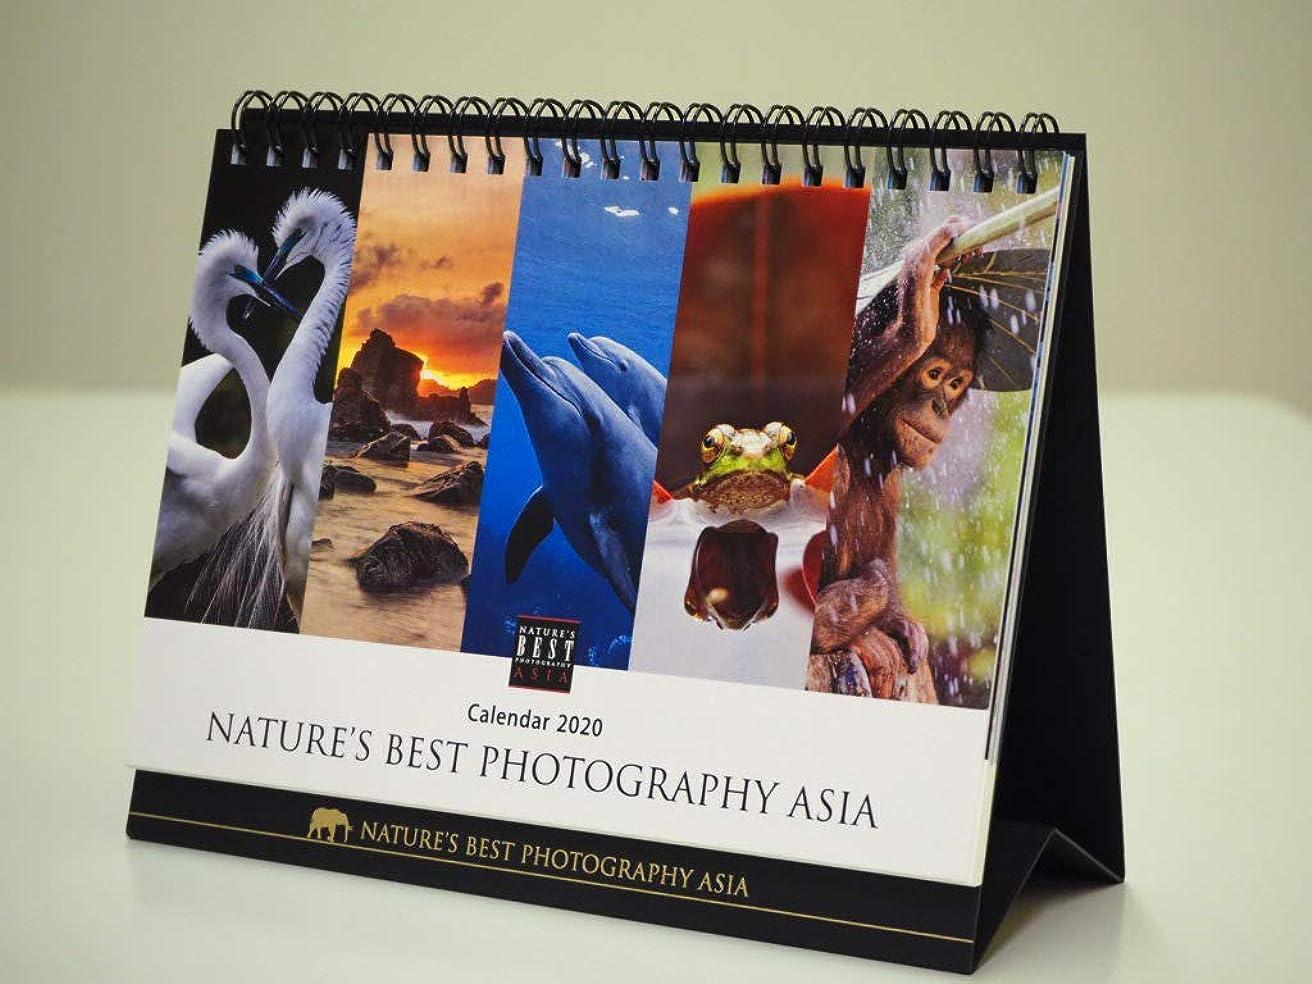 付ける多様なでるネイチャーズベストフォトグラフィーアジア 卓上カレンダー2020